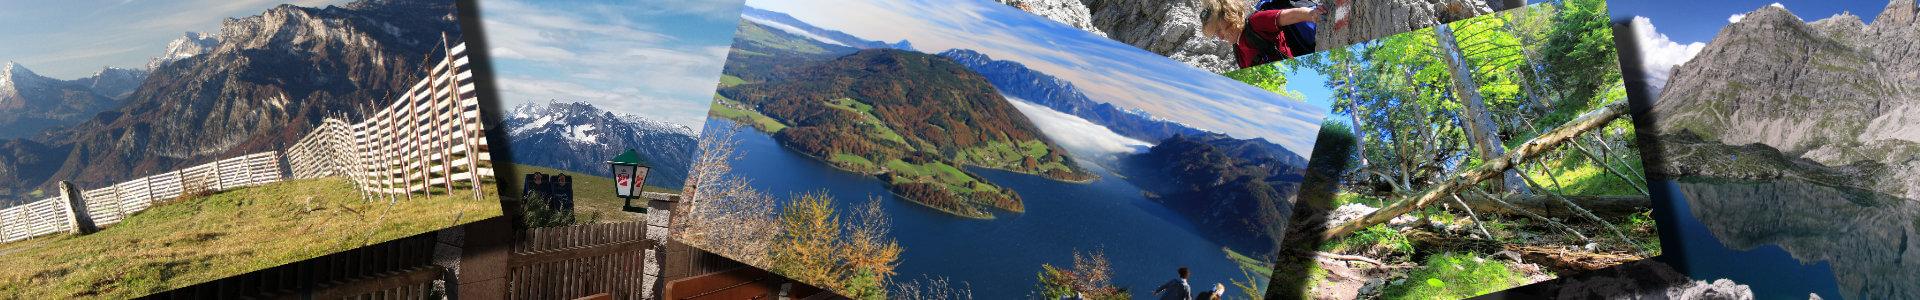 Bilder aus dem Salzburger Land